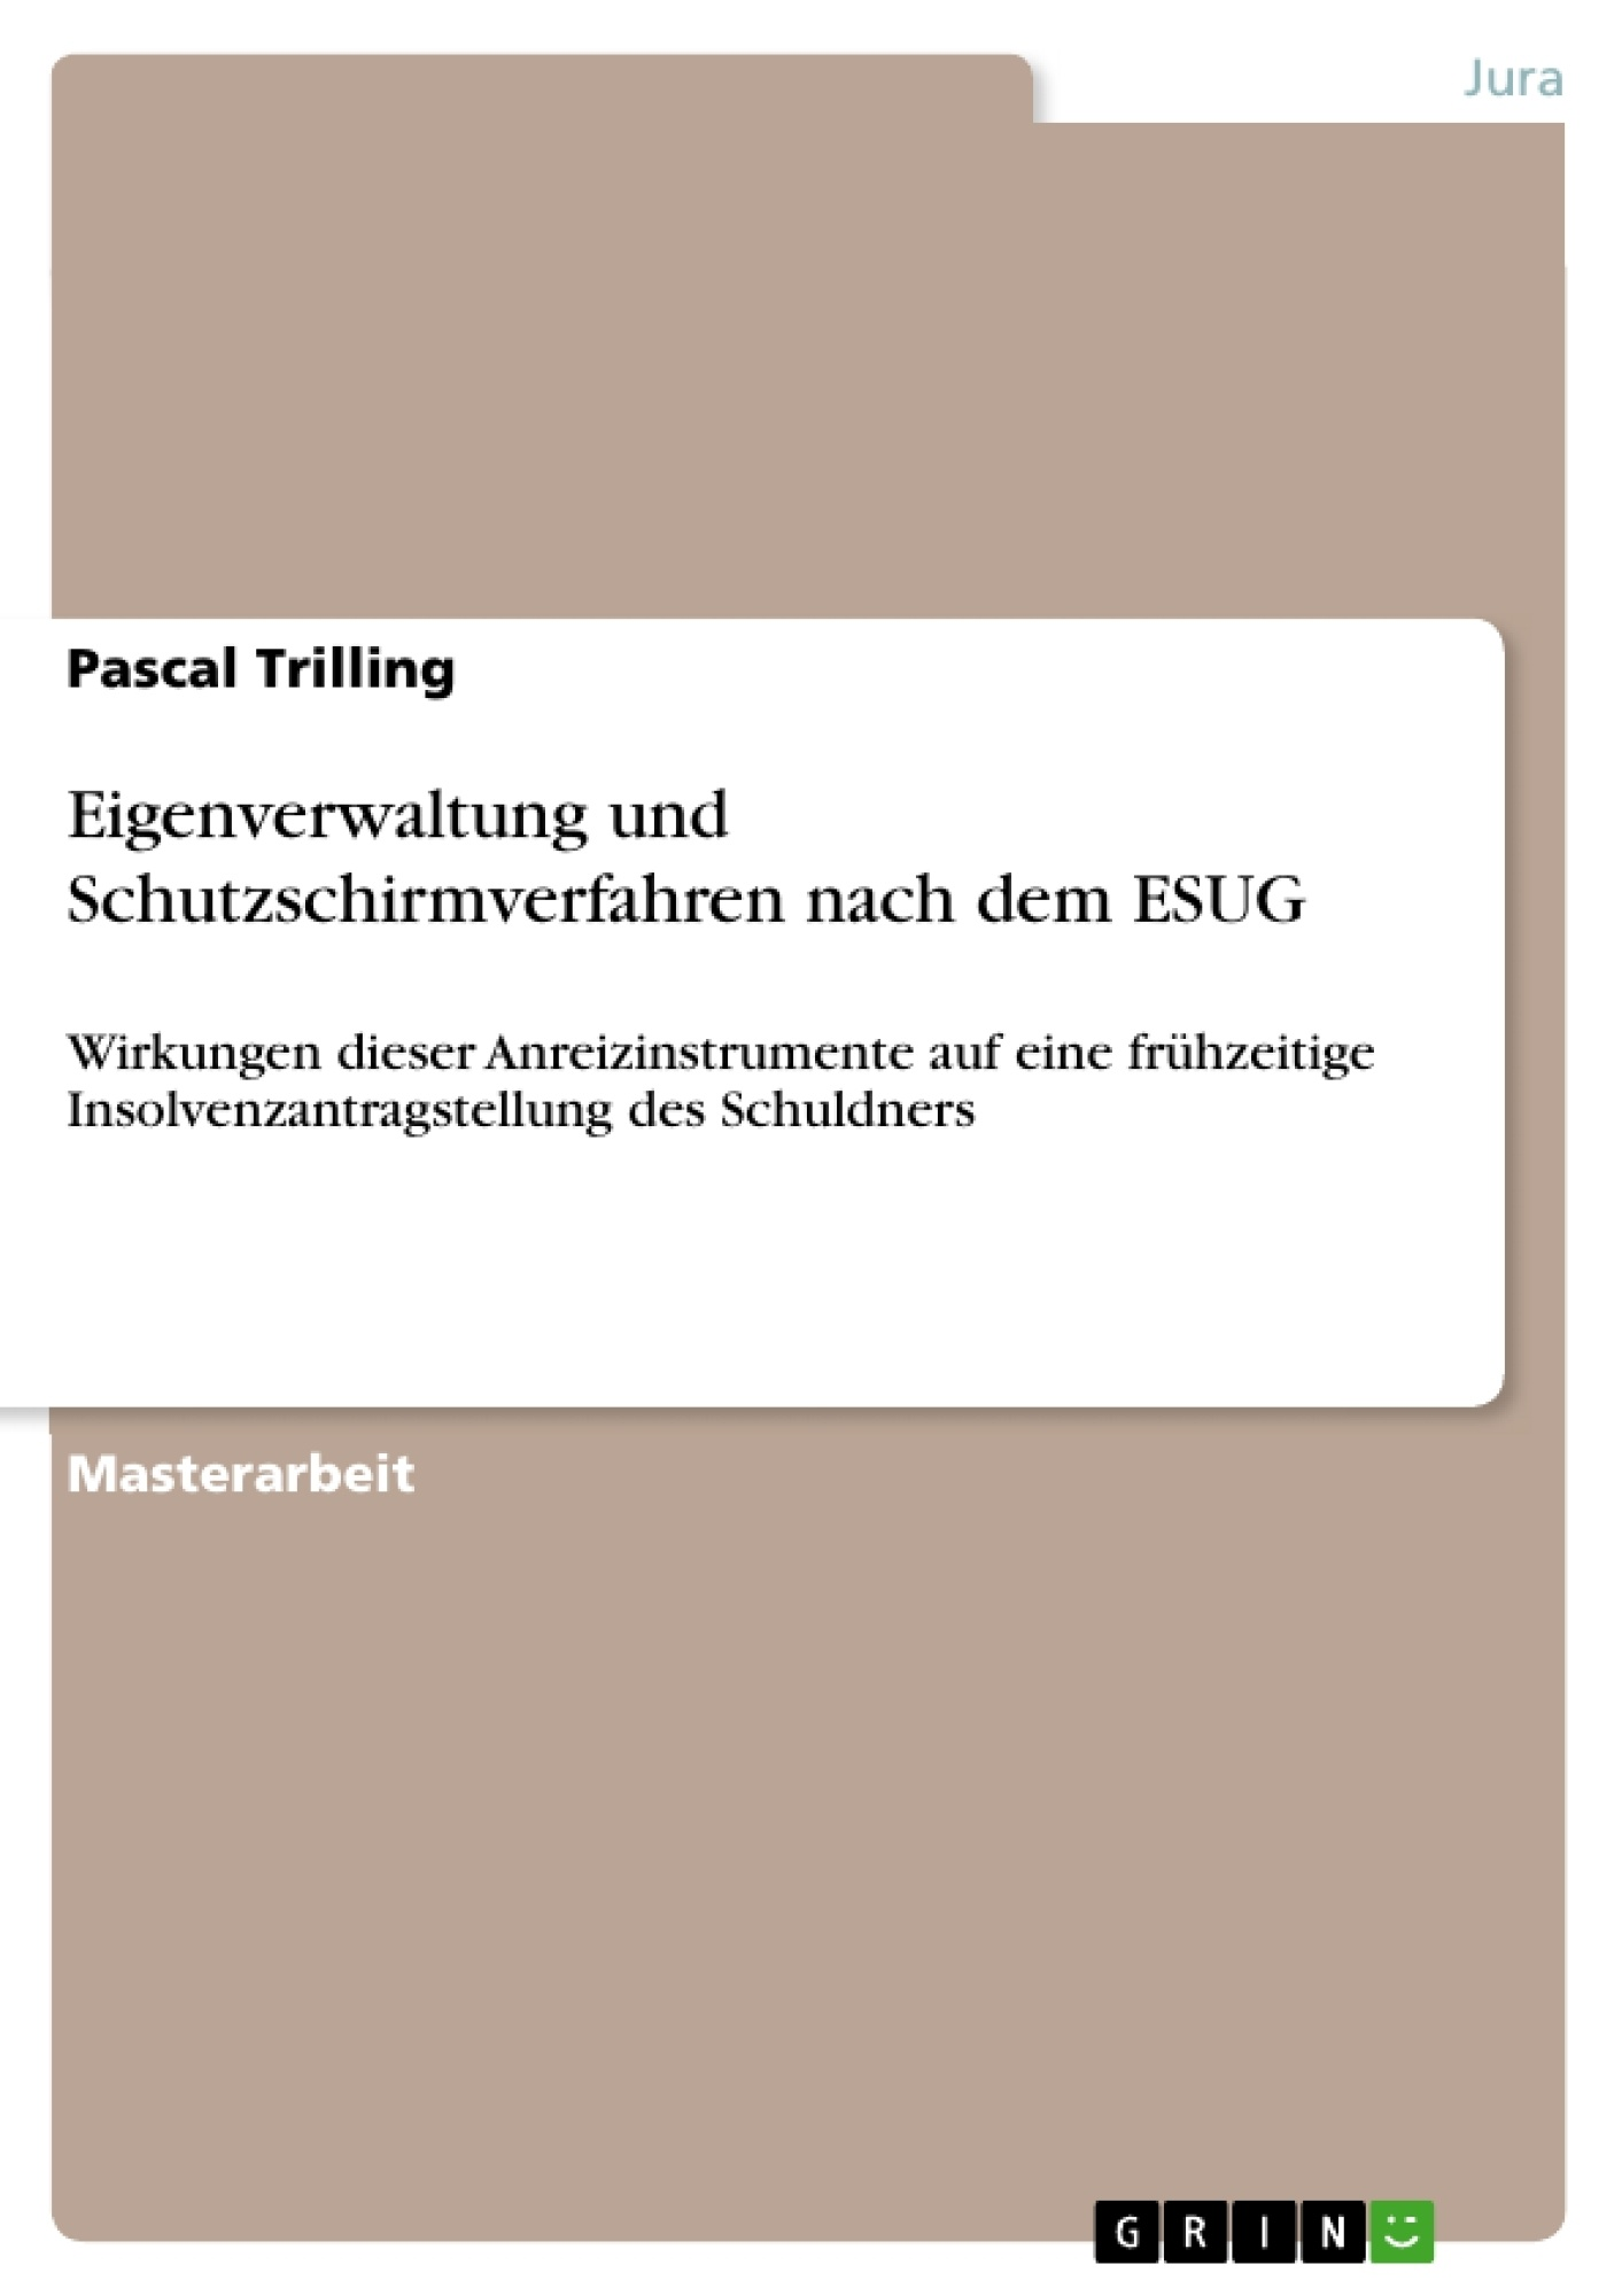 Titel: Eigenverwaltung und Schutzschirmverfahren nach dem ESUG